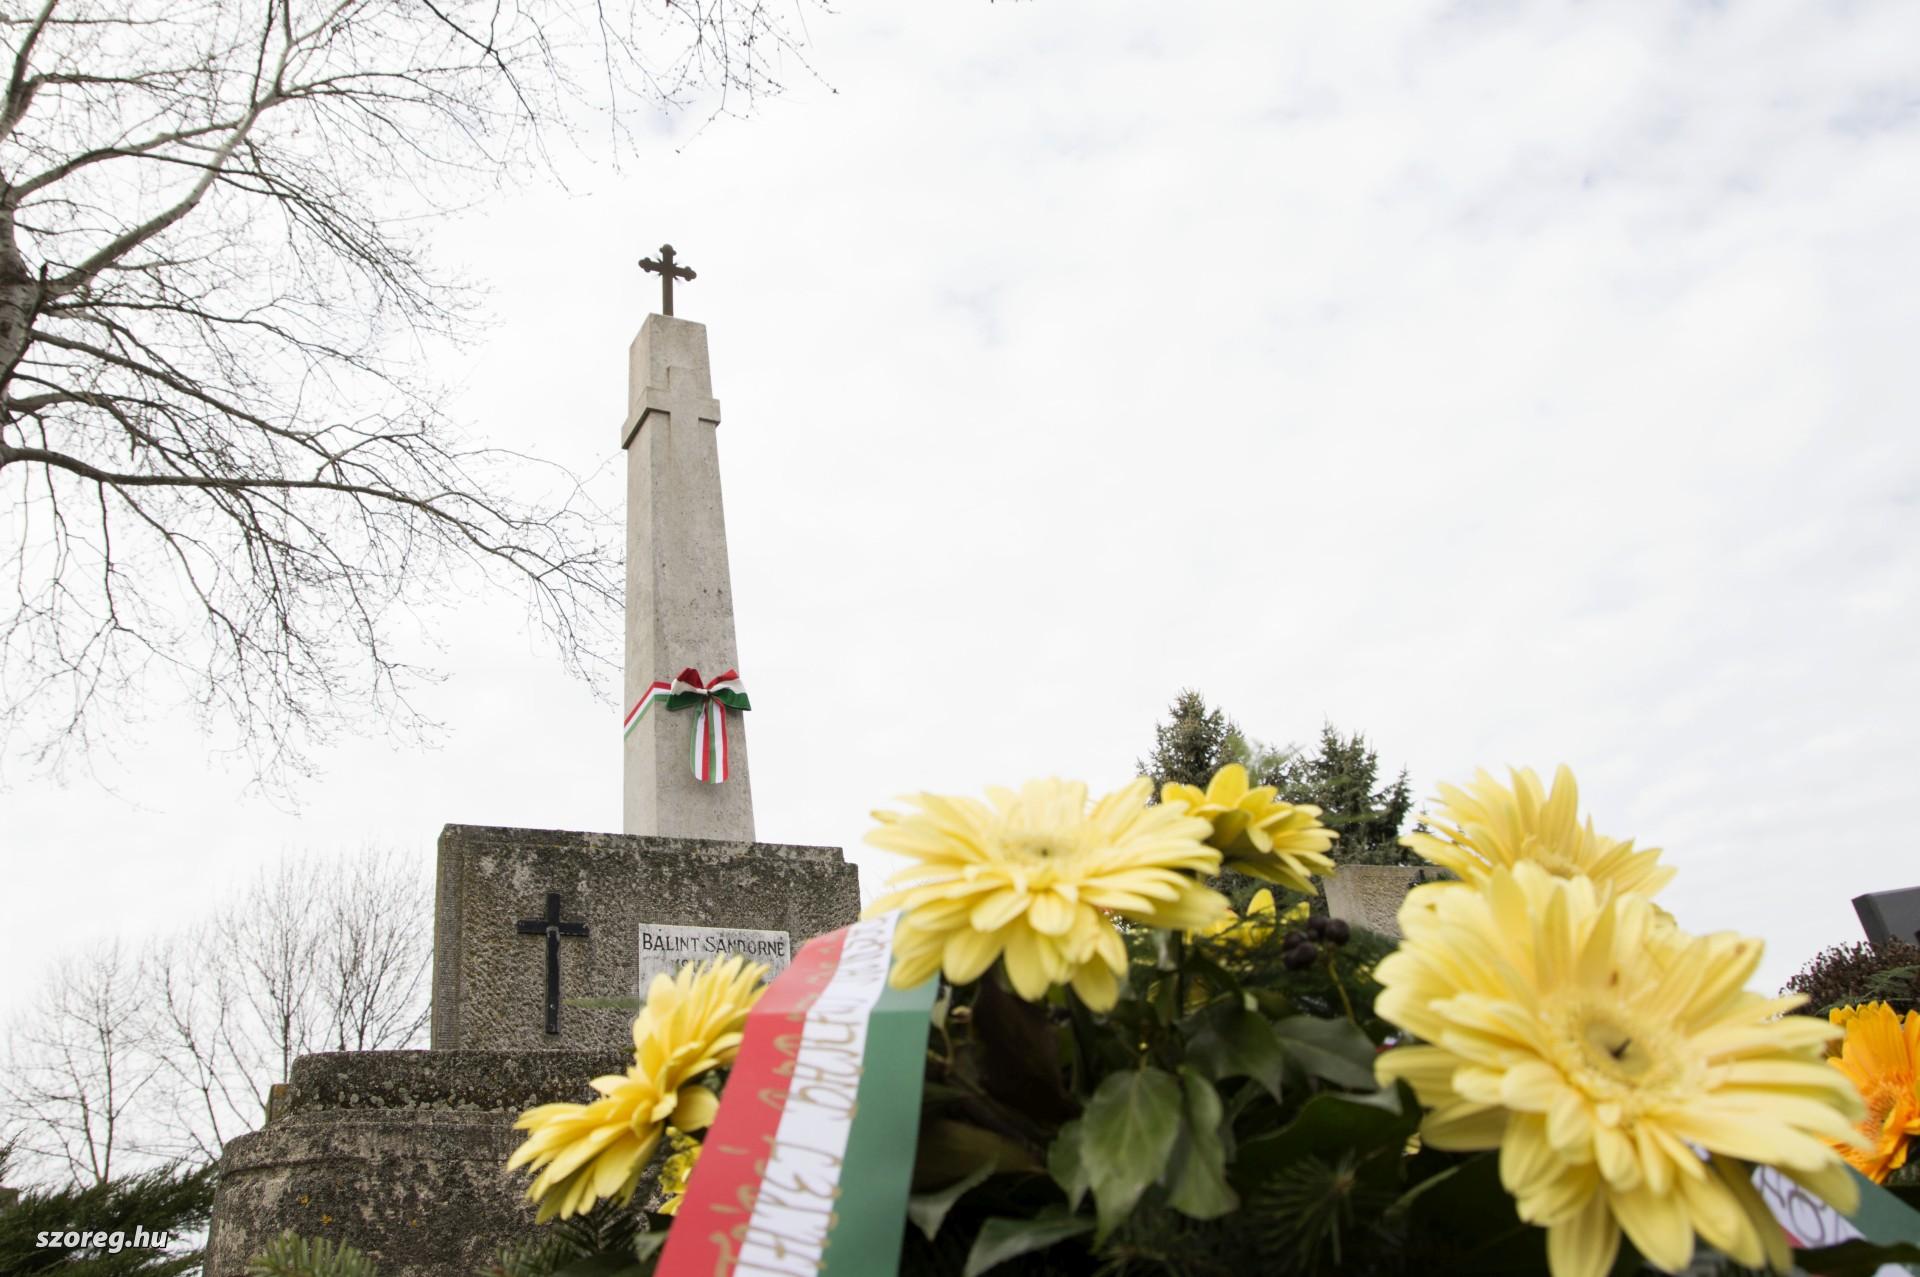 Kettős ünnepre gyűltek össze: a szabadságharc hőseire és a nagy árvíz áldozataira emlékeztek Újszegeden